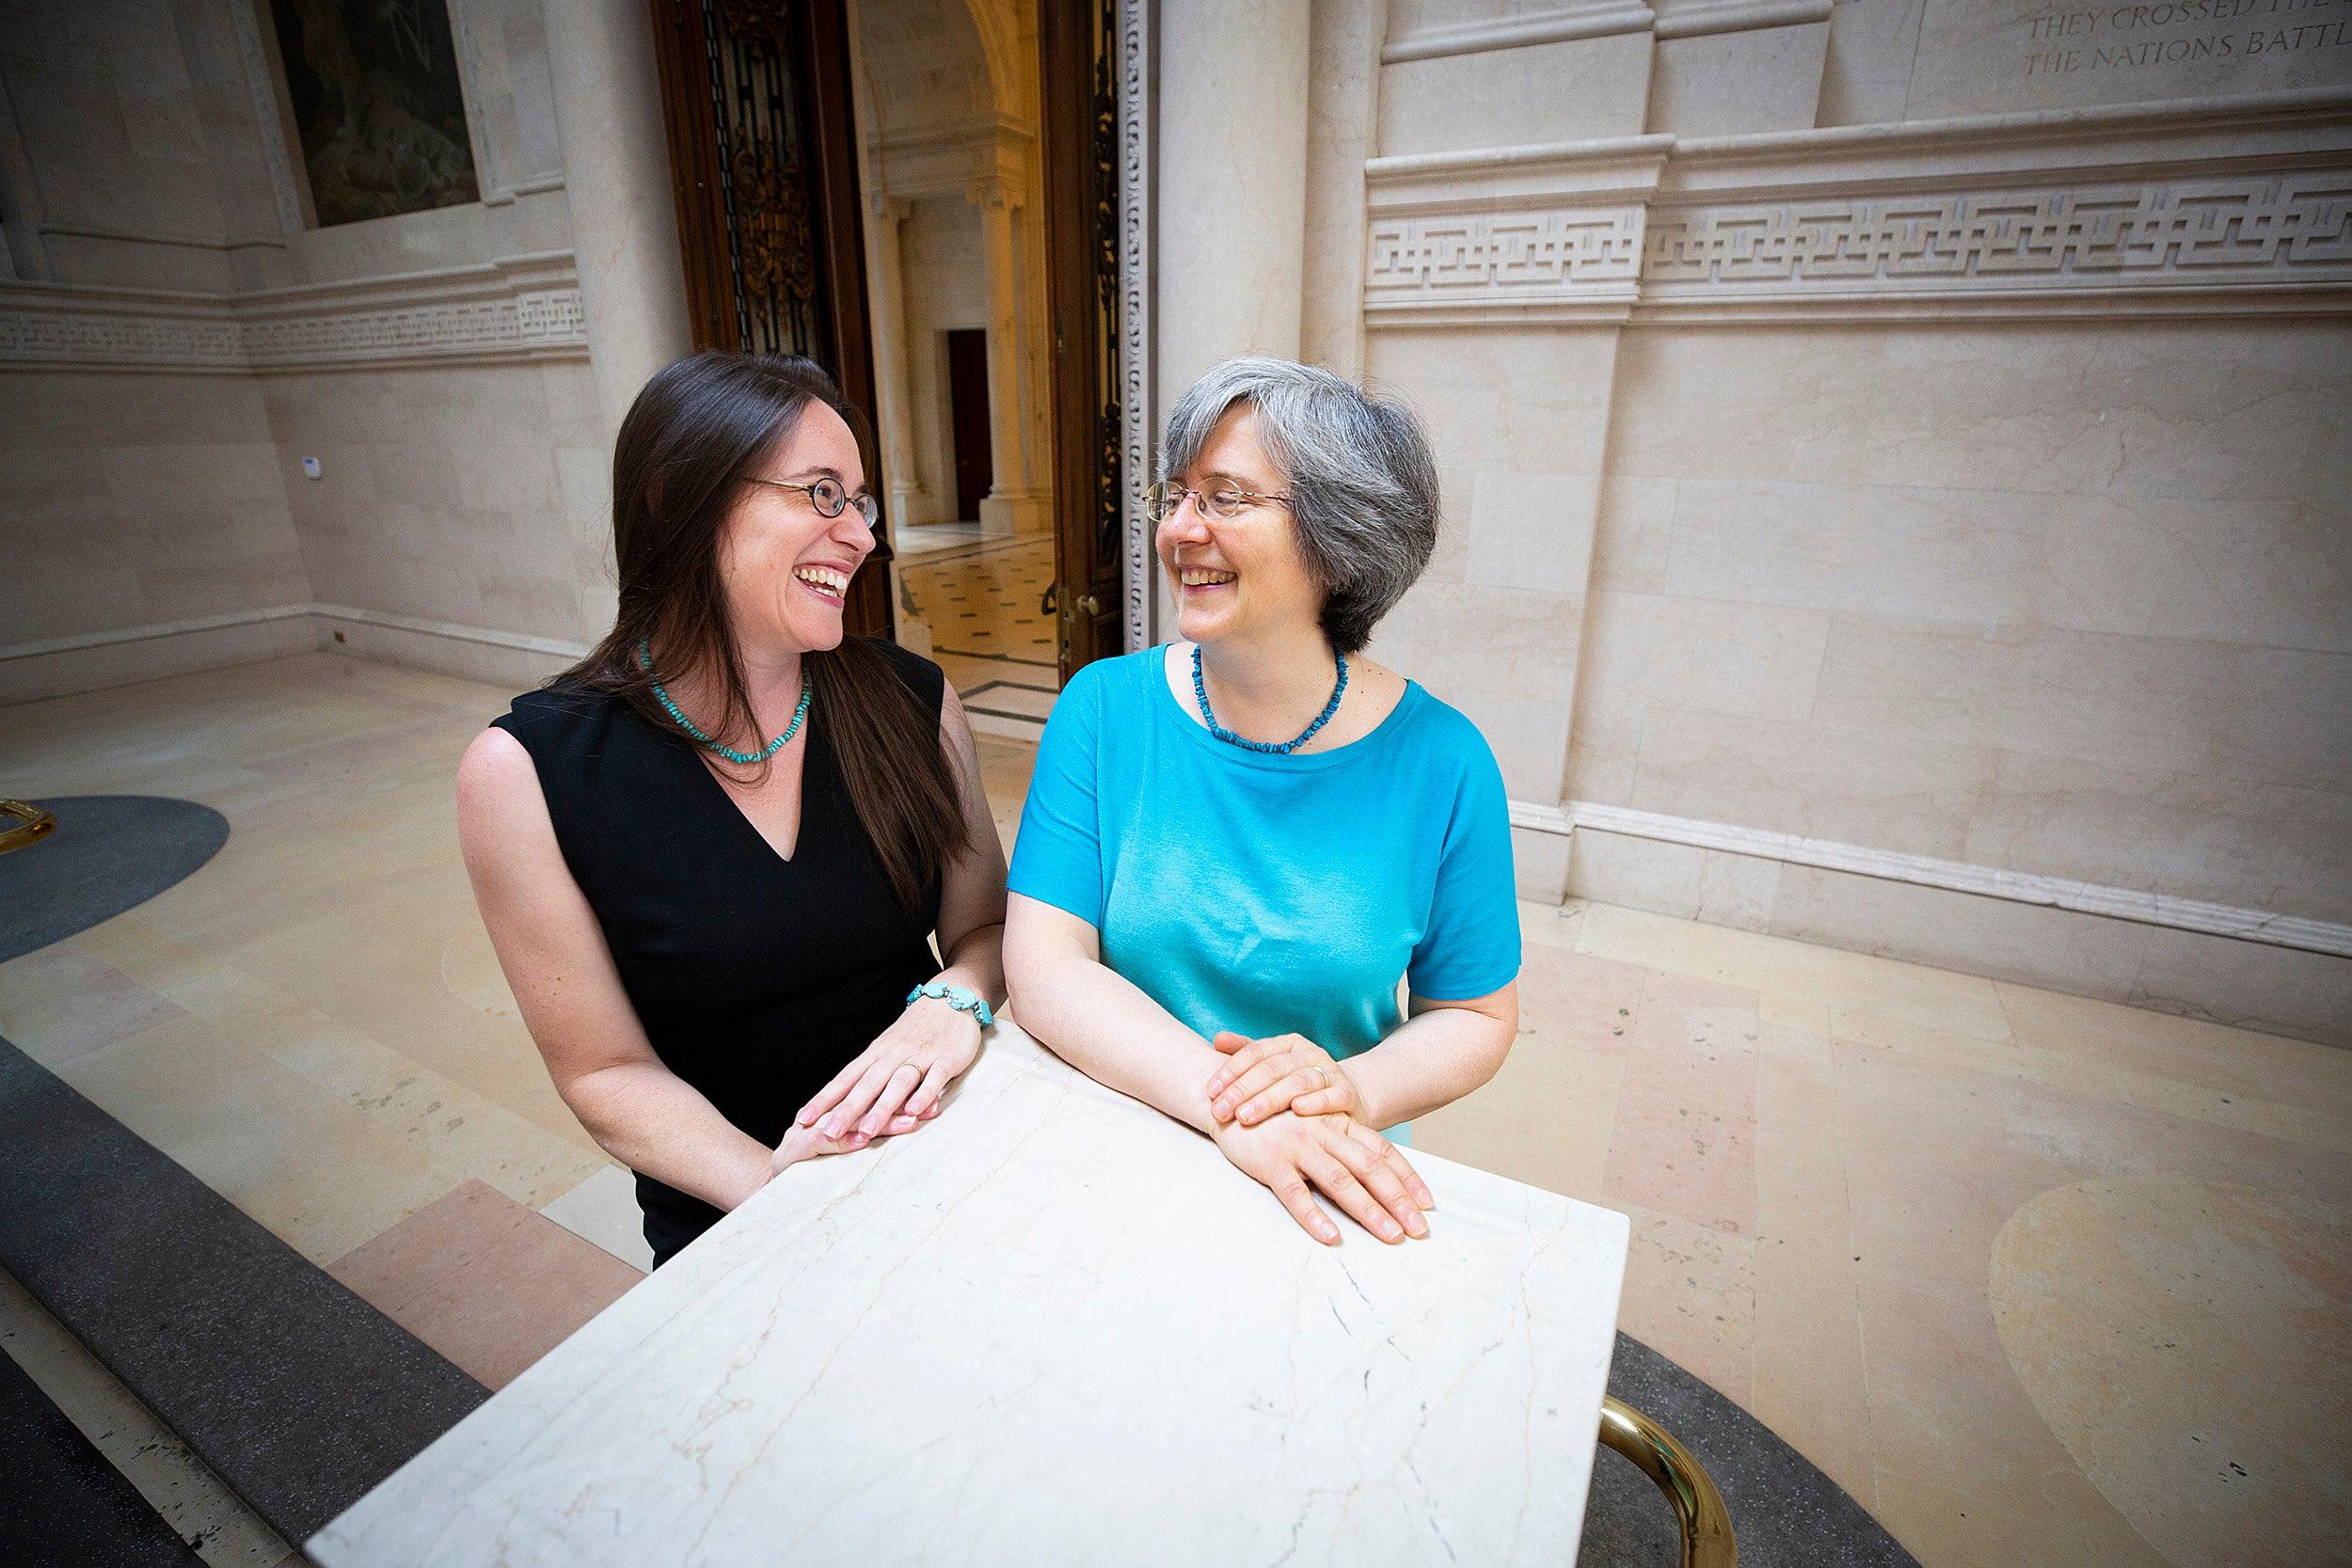 Leah Whittington (left) and Ann Blair